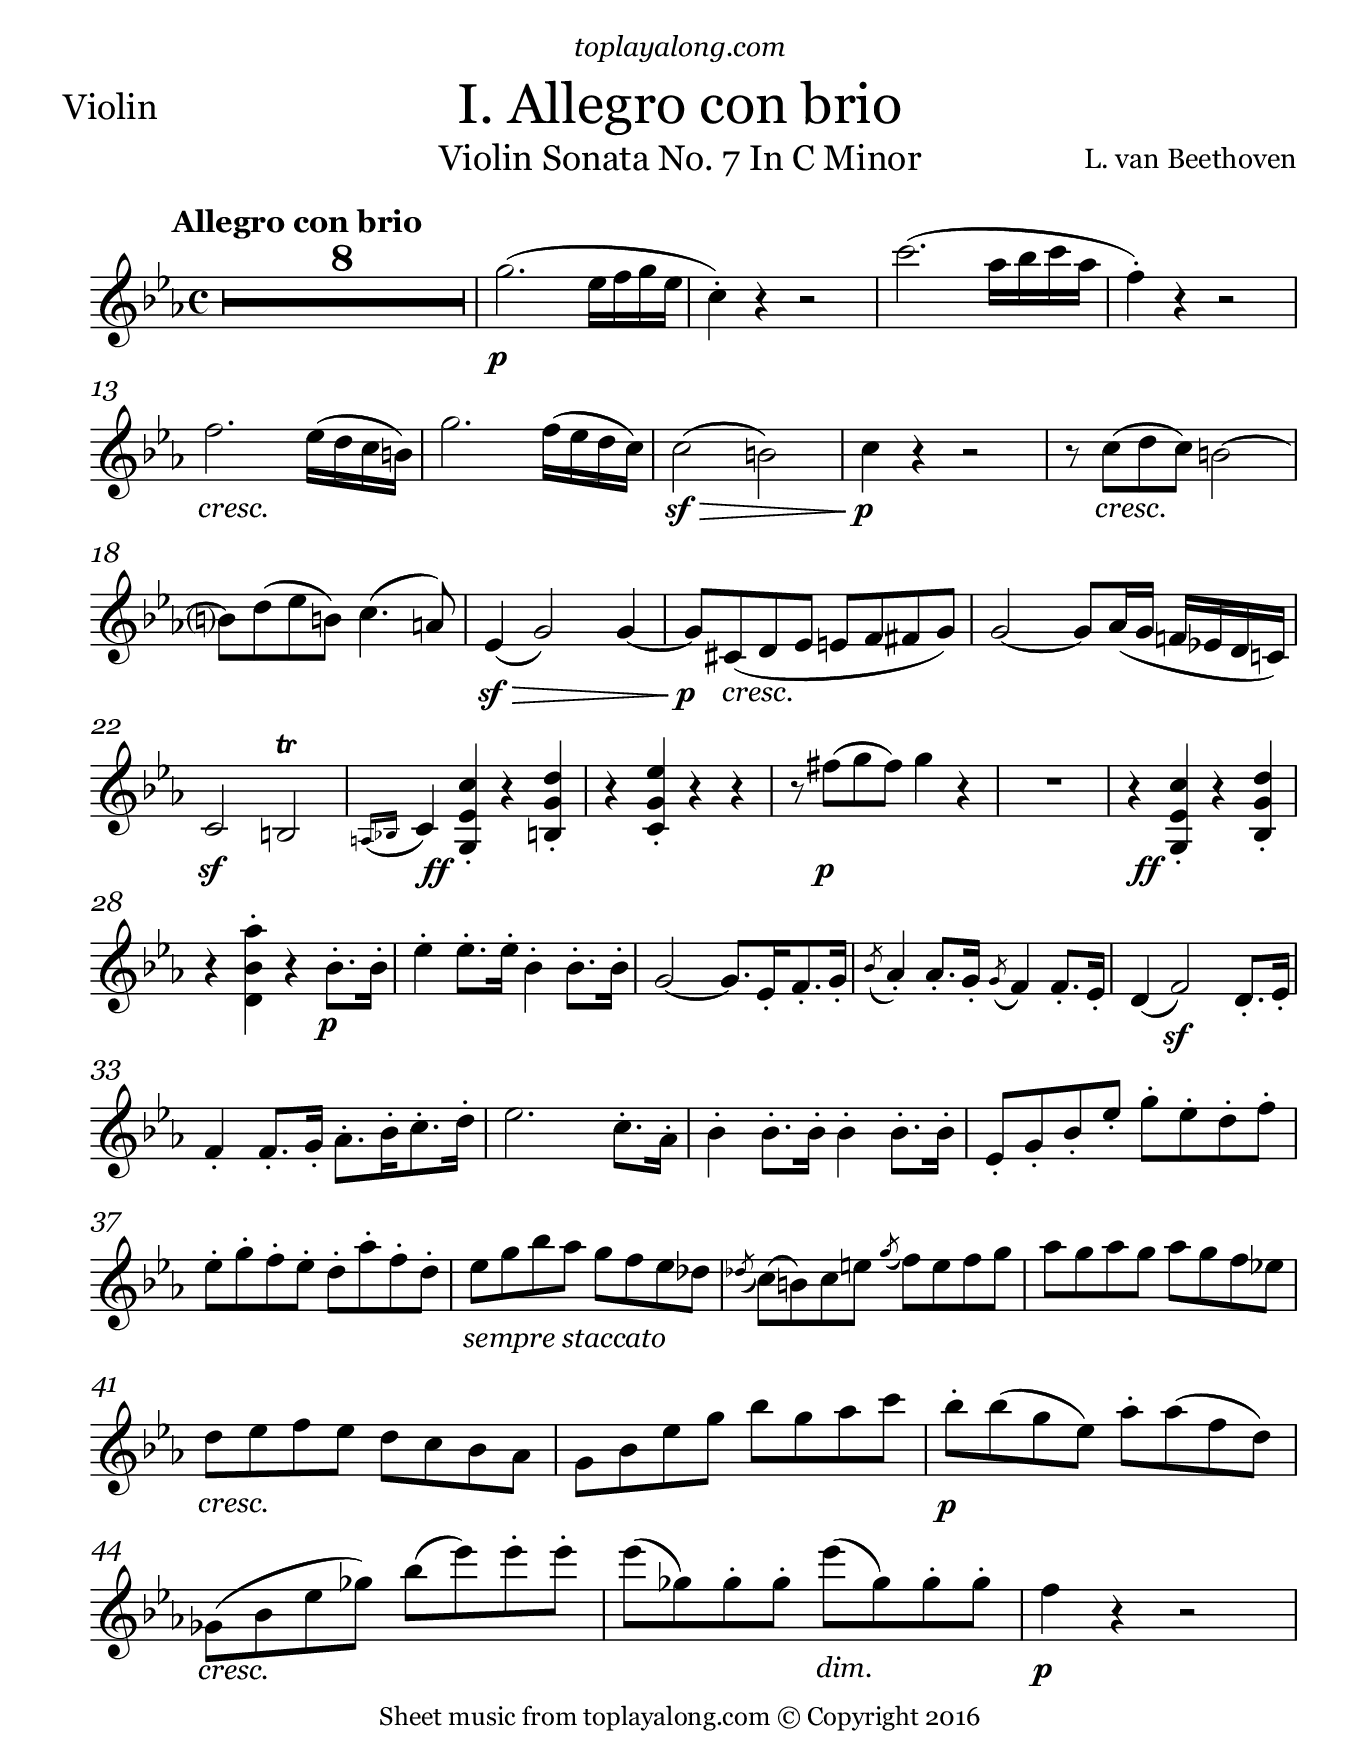 Violin Sonata No 7 I Allegro Toplayalong